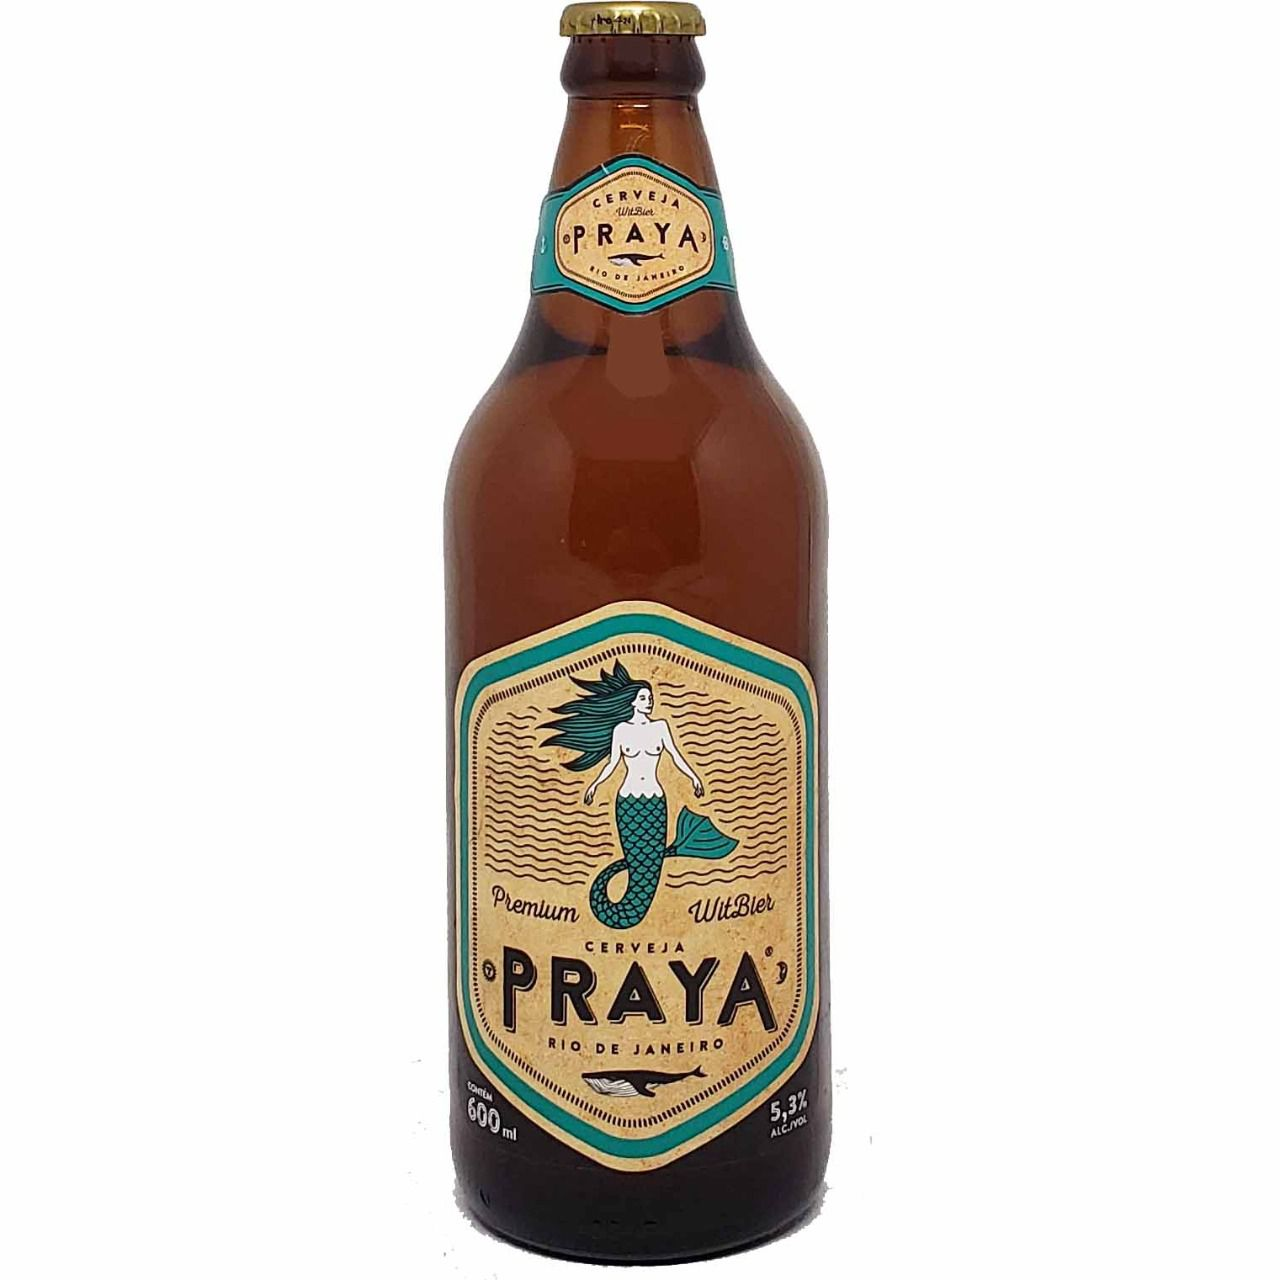 Cerveja Praya Premium Witbier Rio de Janeiro - 600ml -